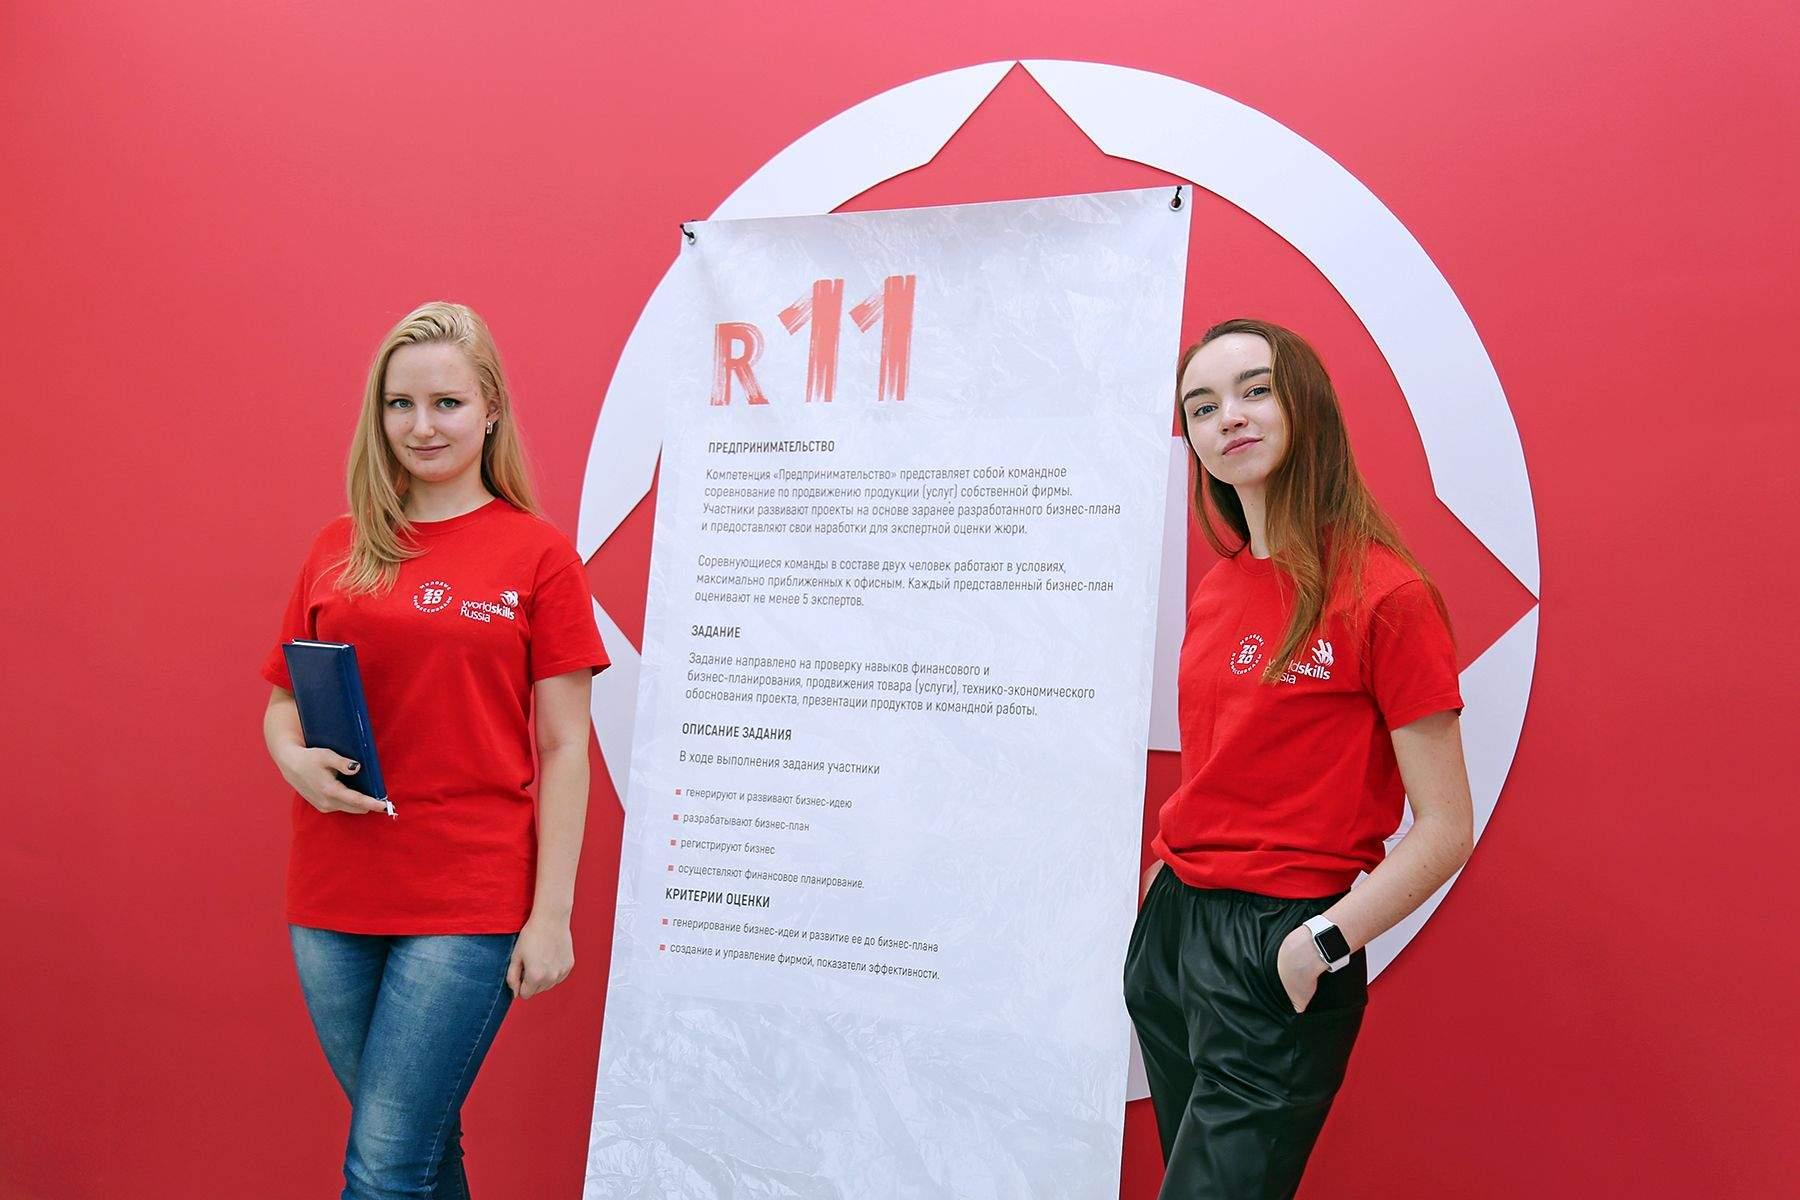 Финал IV Национального межвузовского чемпионата «Молодые профессионалы (Ворлдскиллс Россия)»: студенты ВГУЭС борются за победу